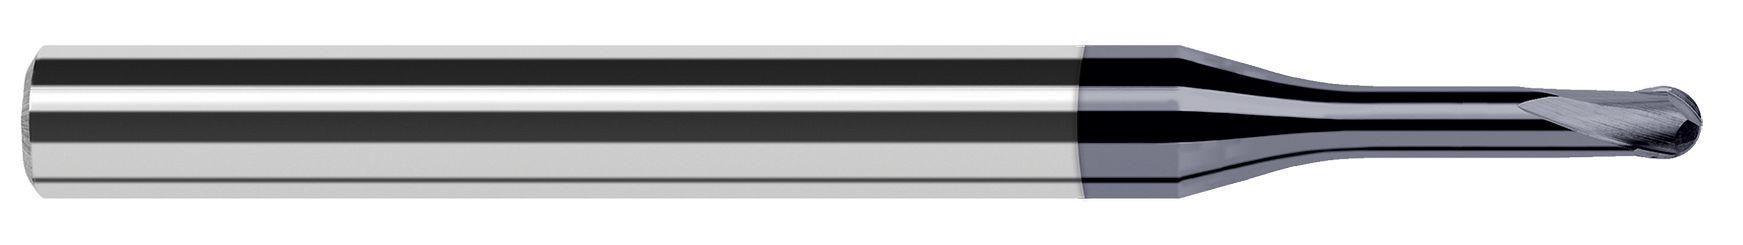 tool-details-858116-C6